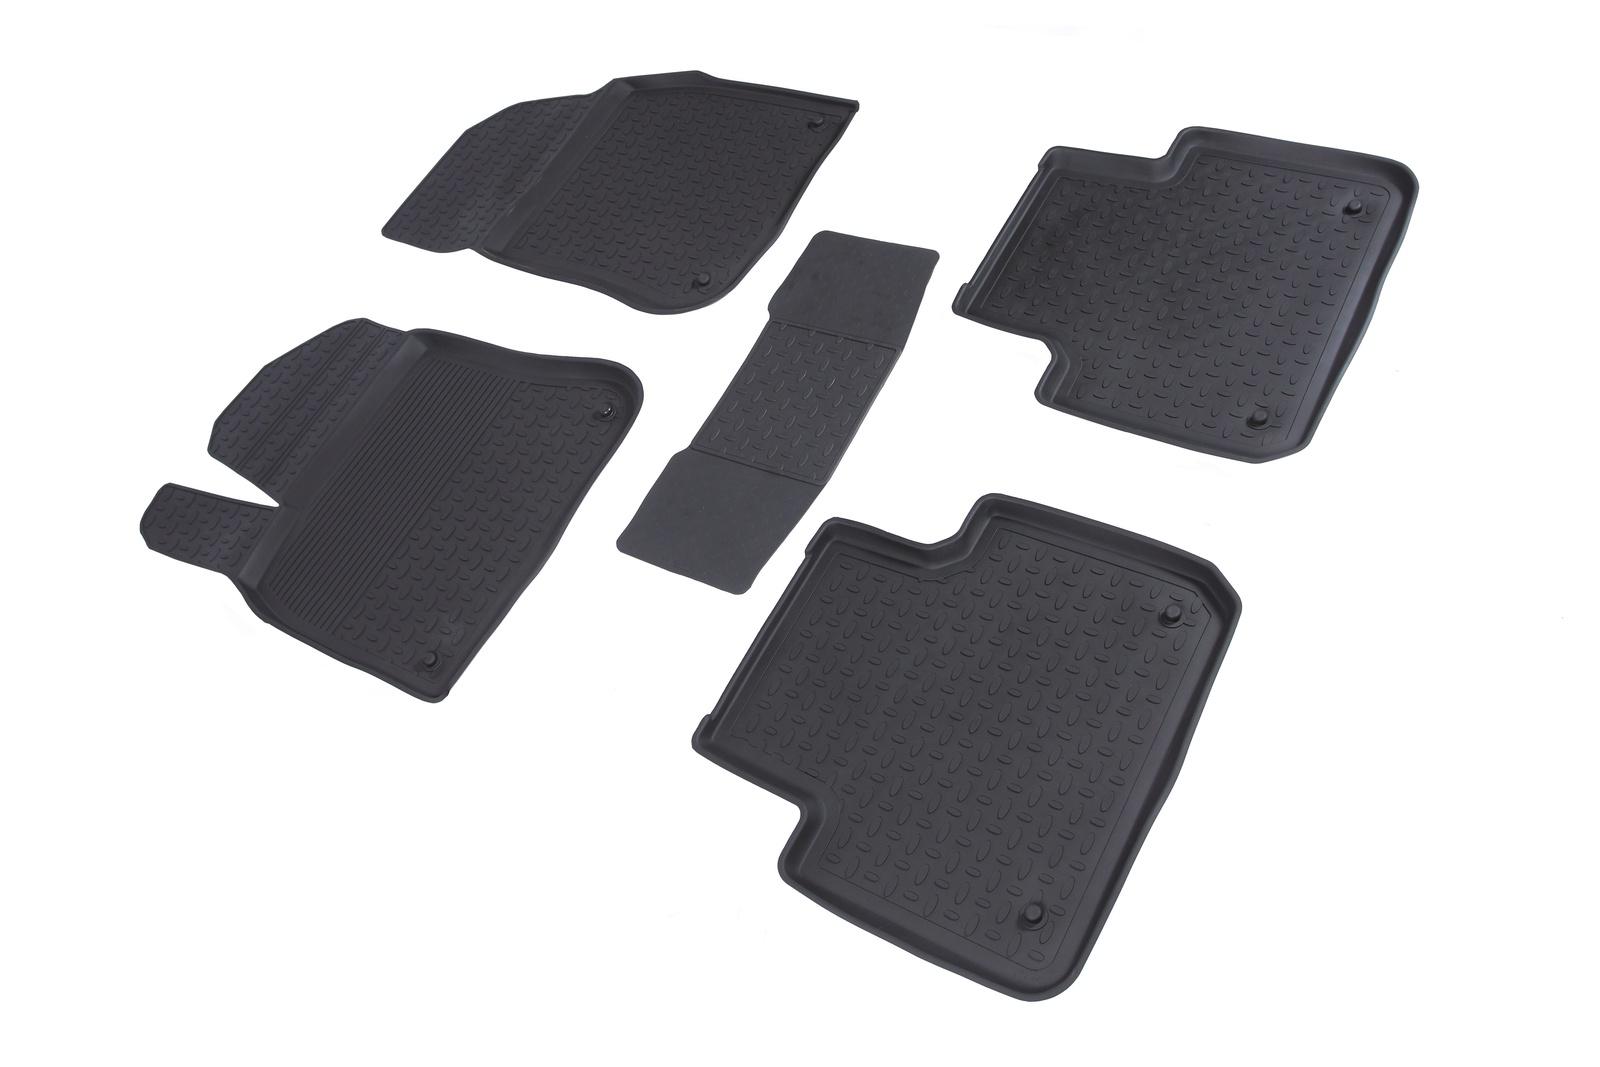 Коврики в салон автомобиля Seintex Резиновые коврики с высоким бортом для Nissan Juke 2011-2014